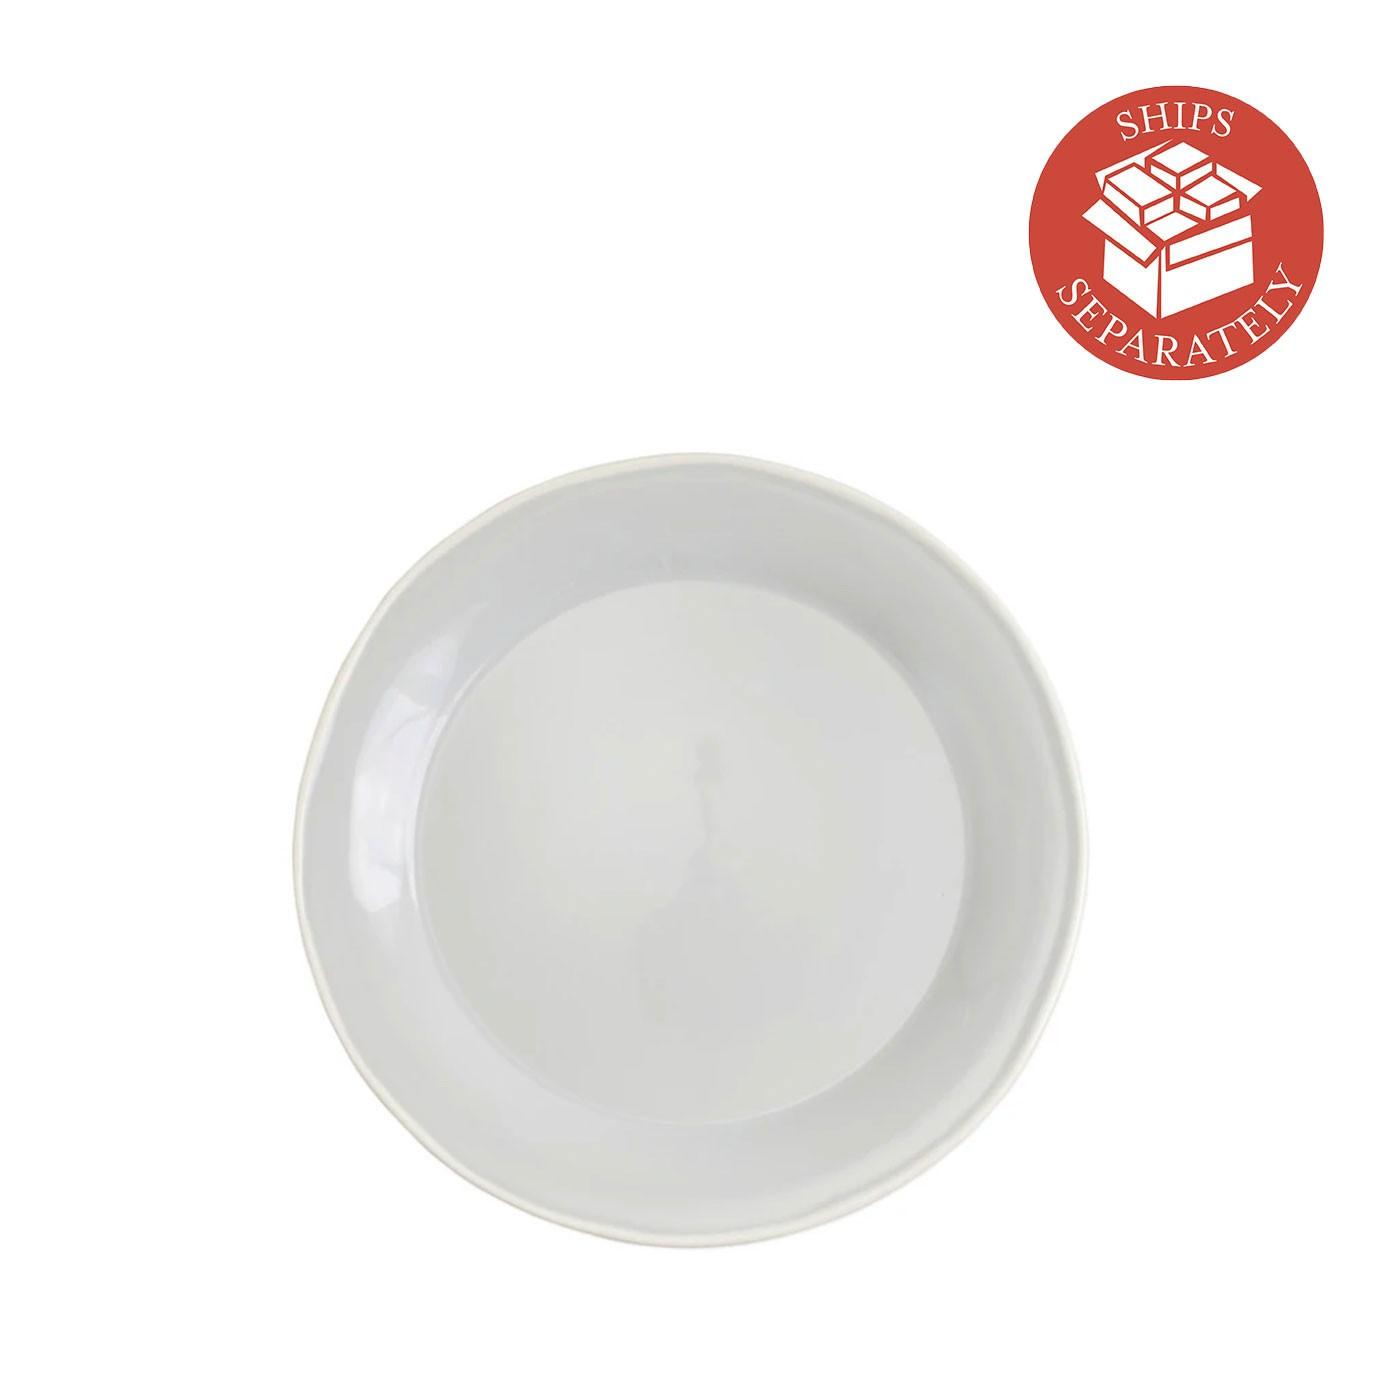 Chroma Light Gray Dinner Plate - Vietri | Eataly.com